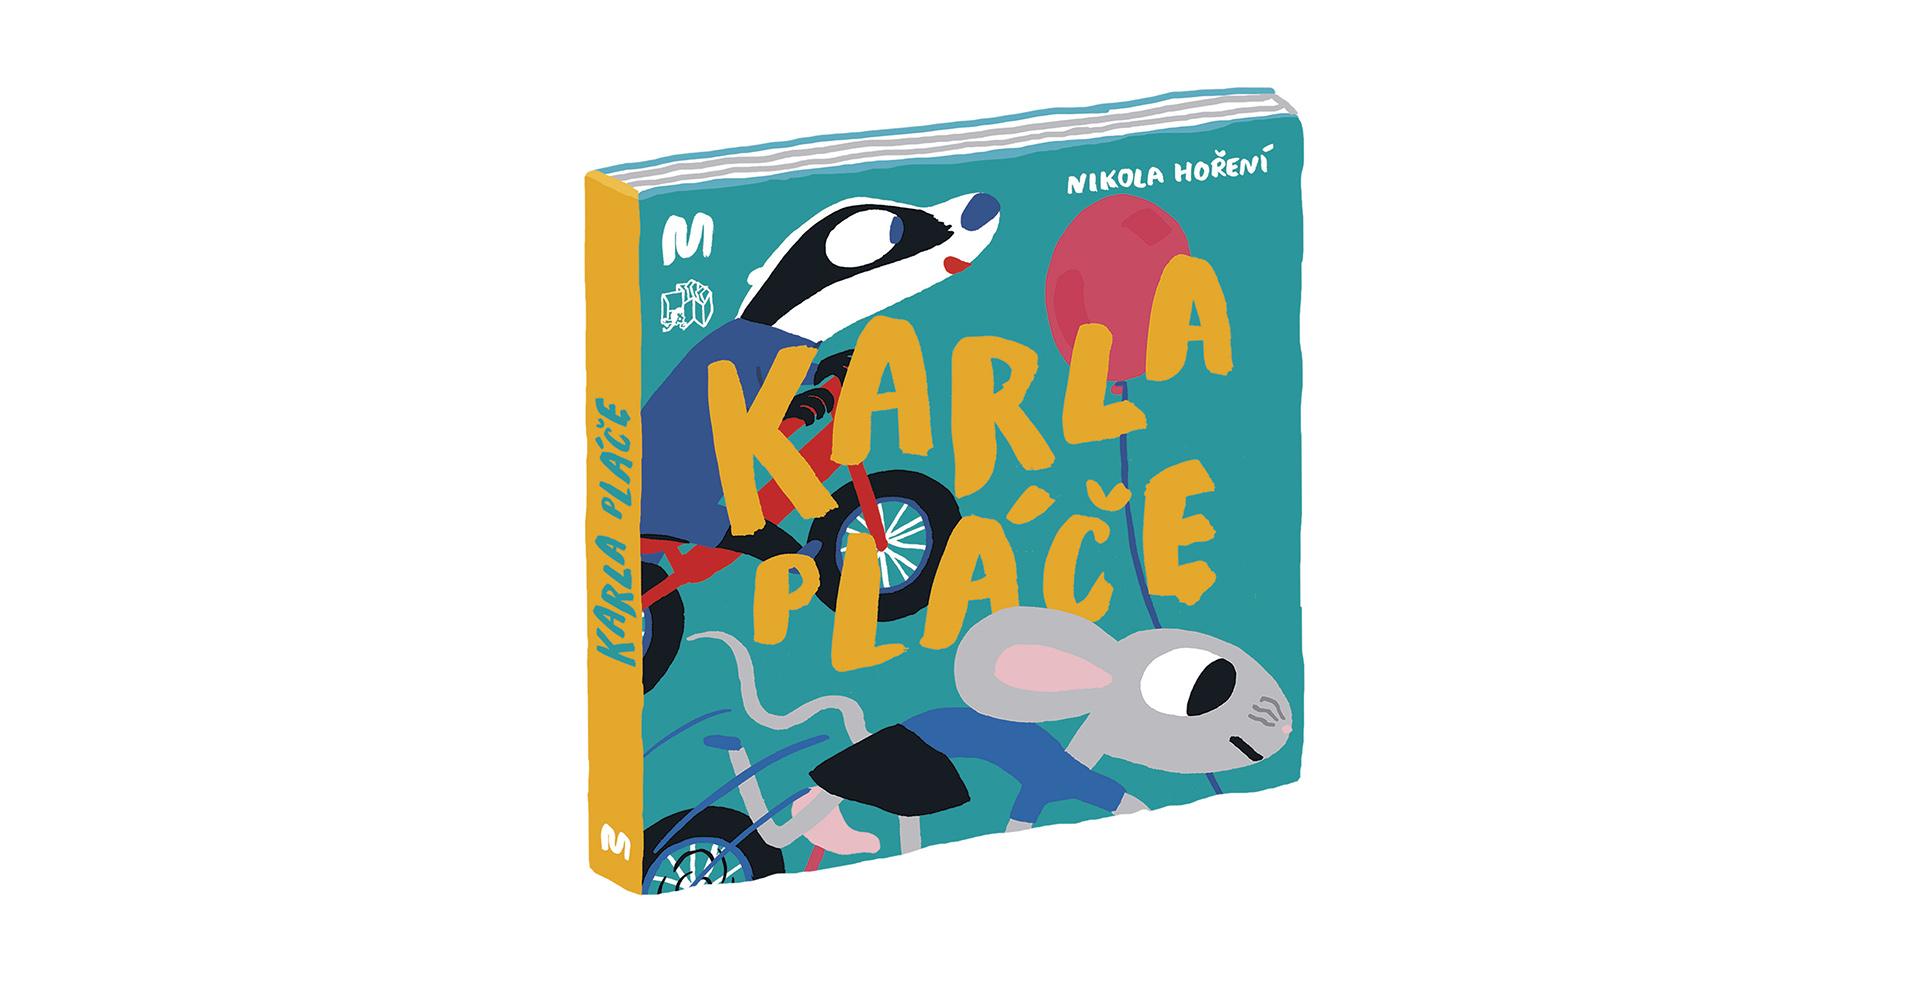 Karla place_obalka 02